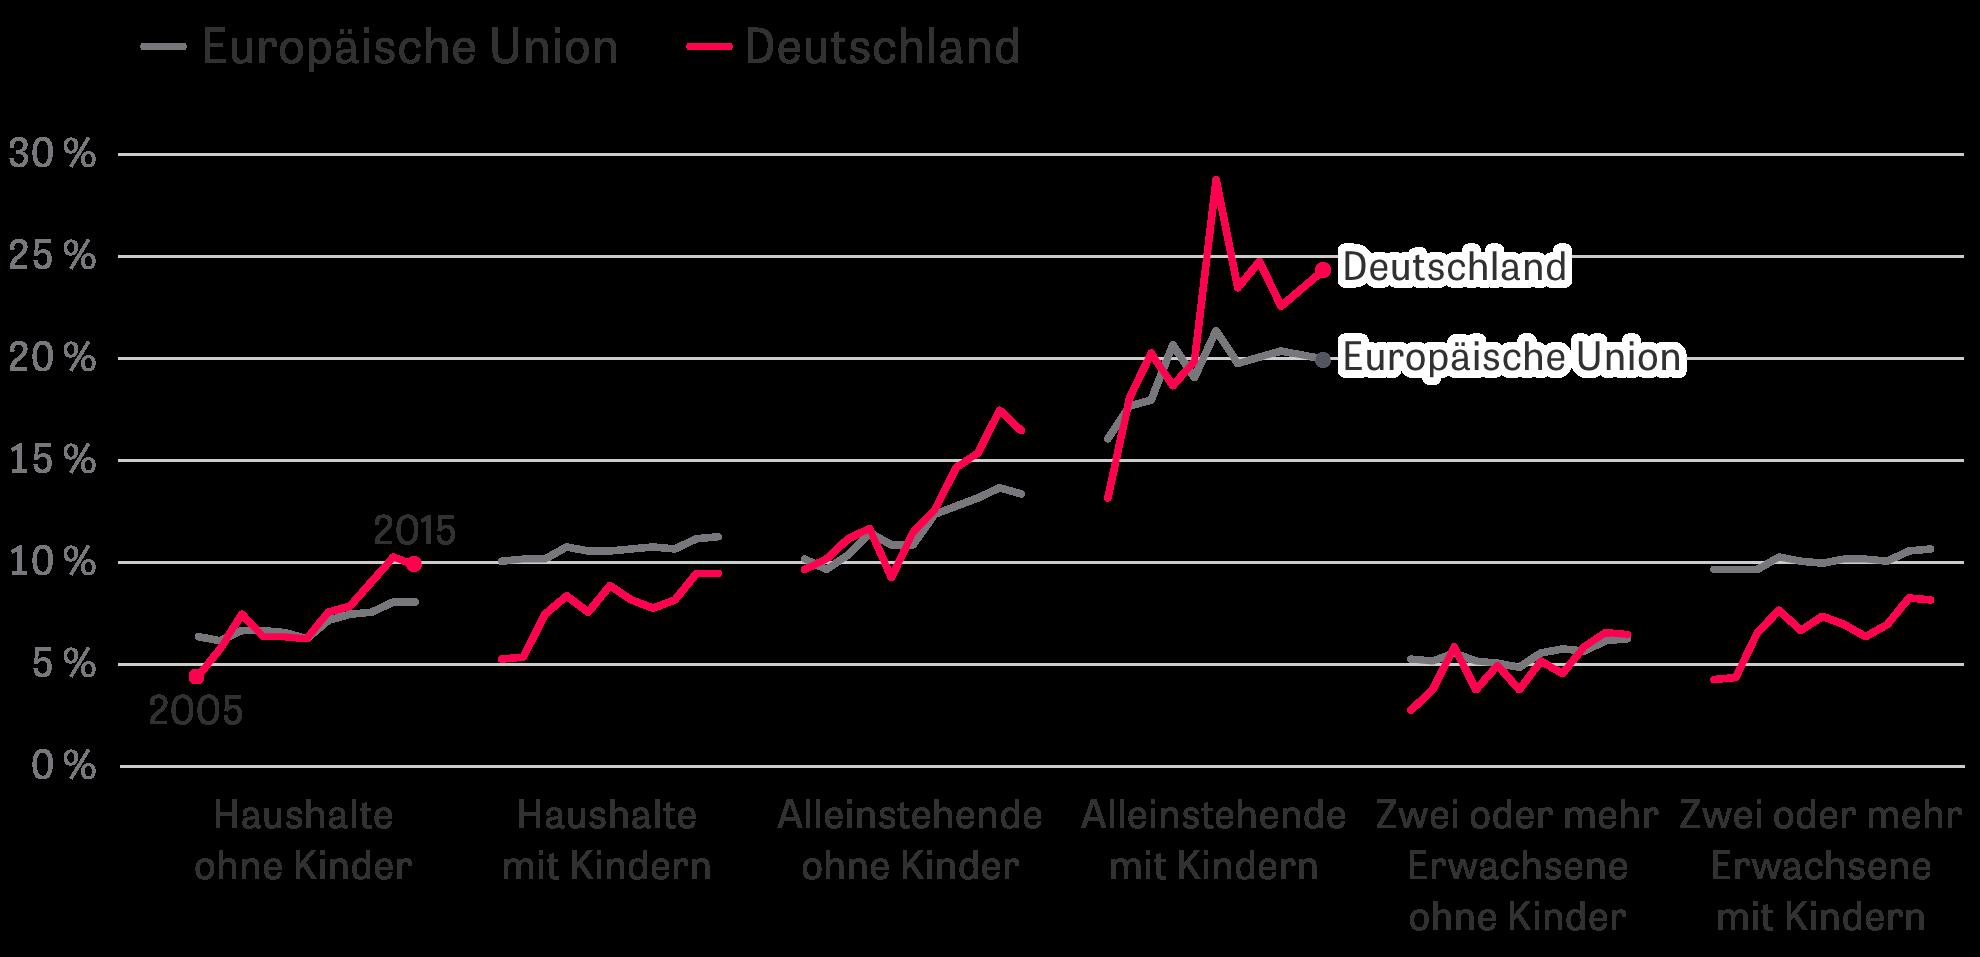 Soziale Gerechtigkeit: 2005–2015, in Prozent der Beschäftigten der jeweiligen Gruppe